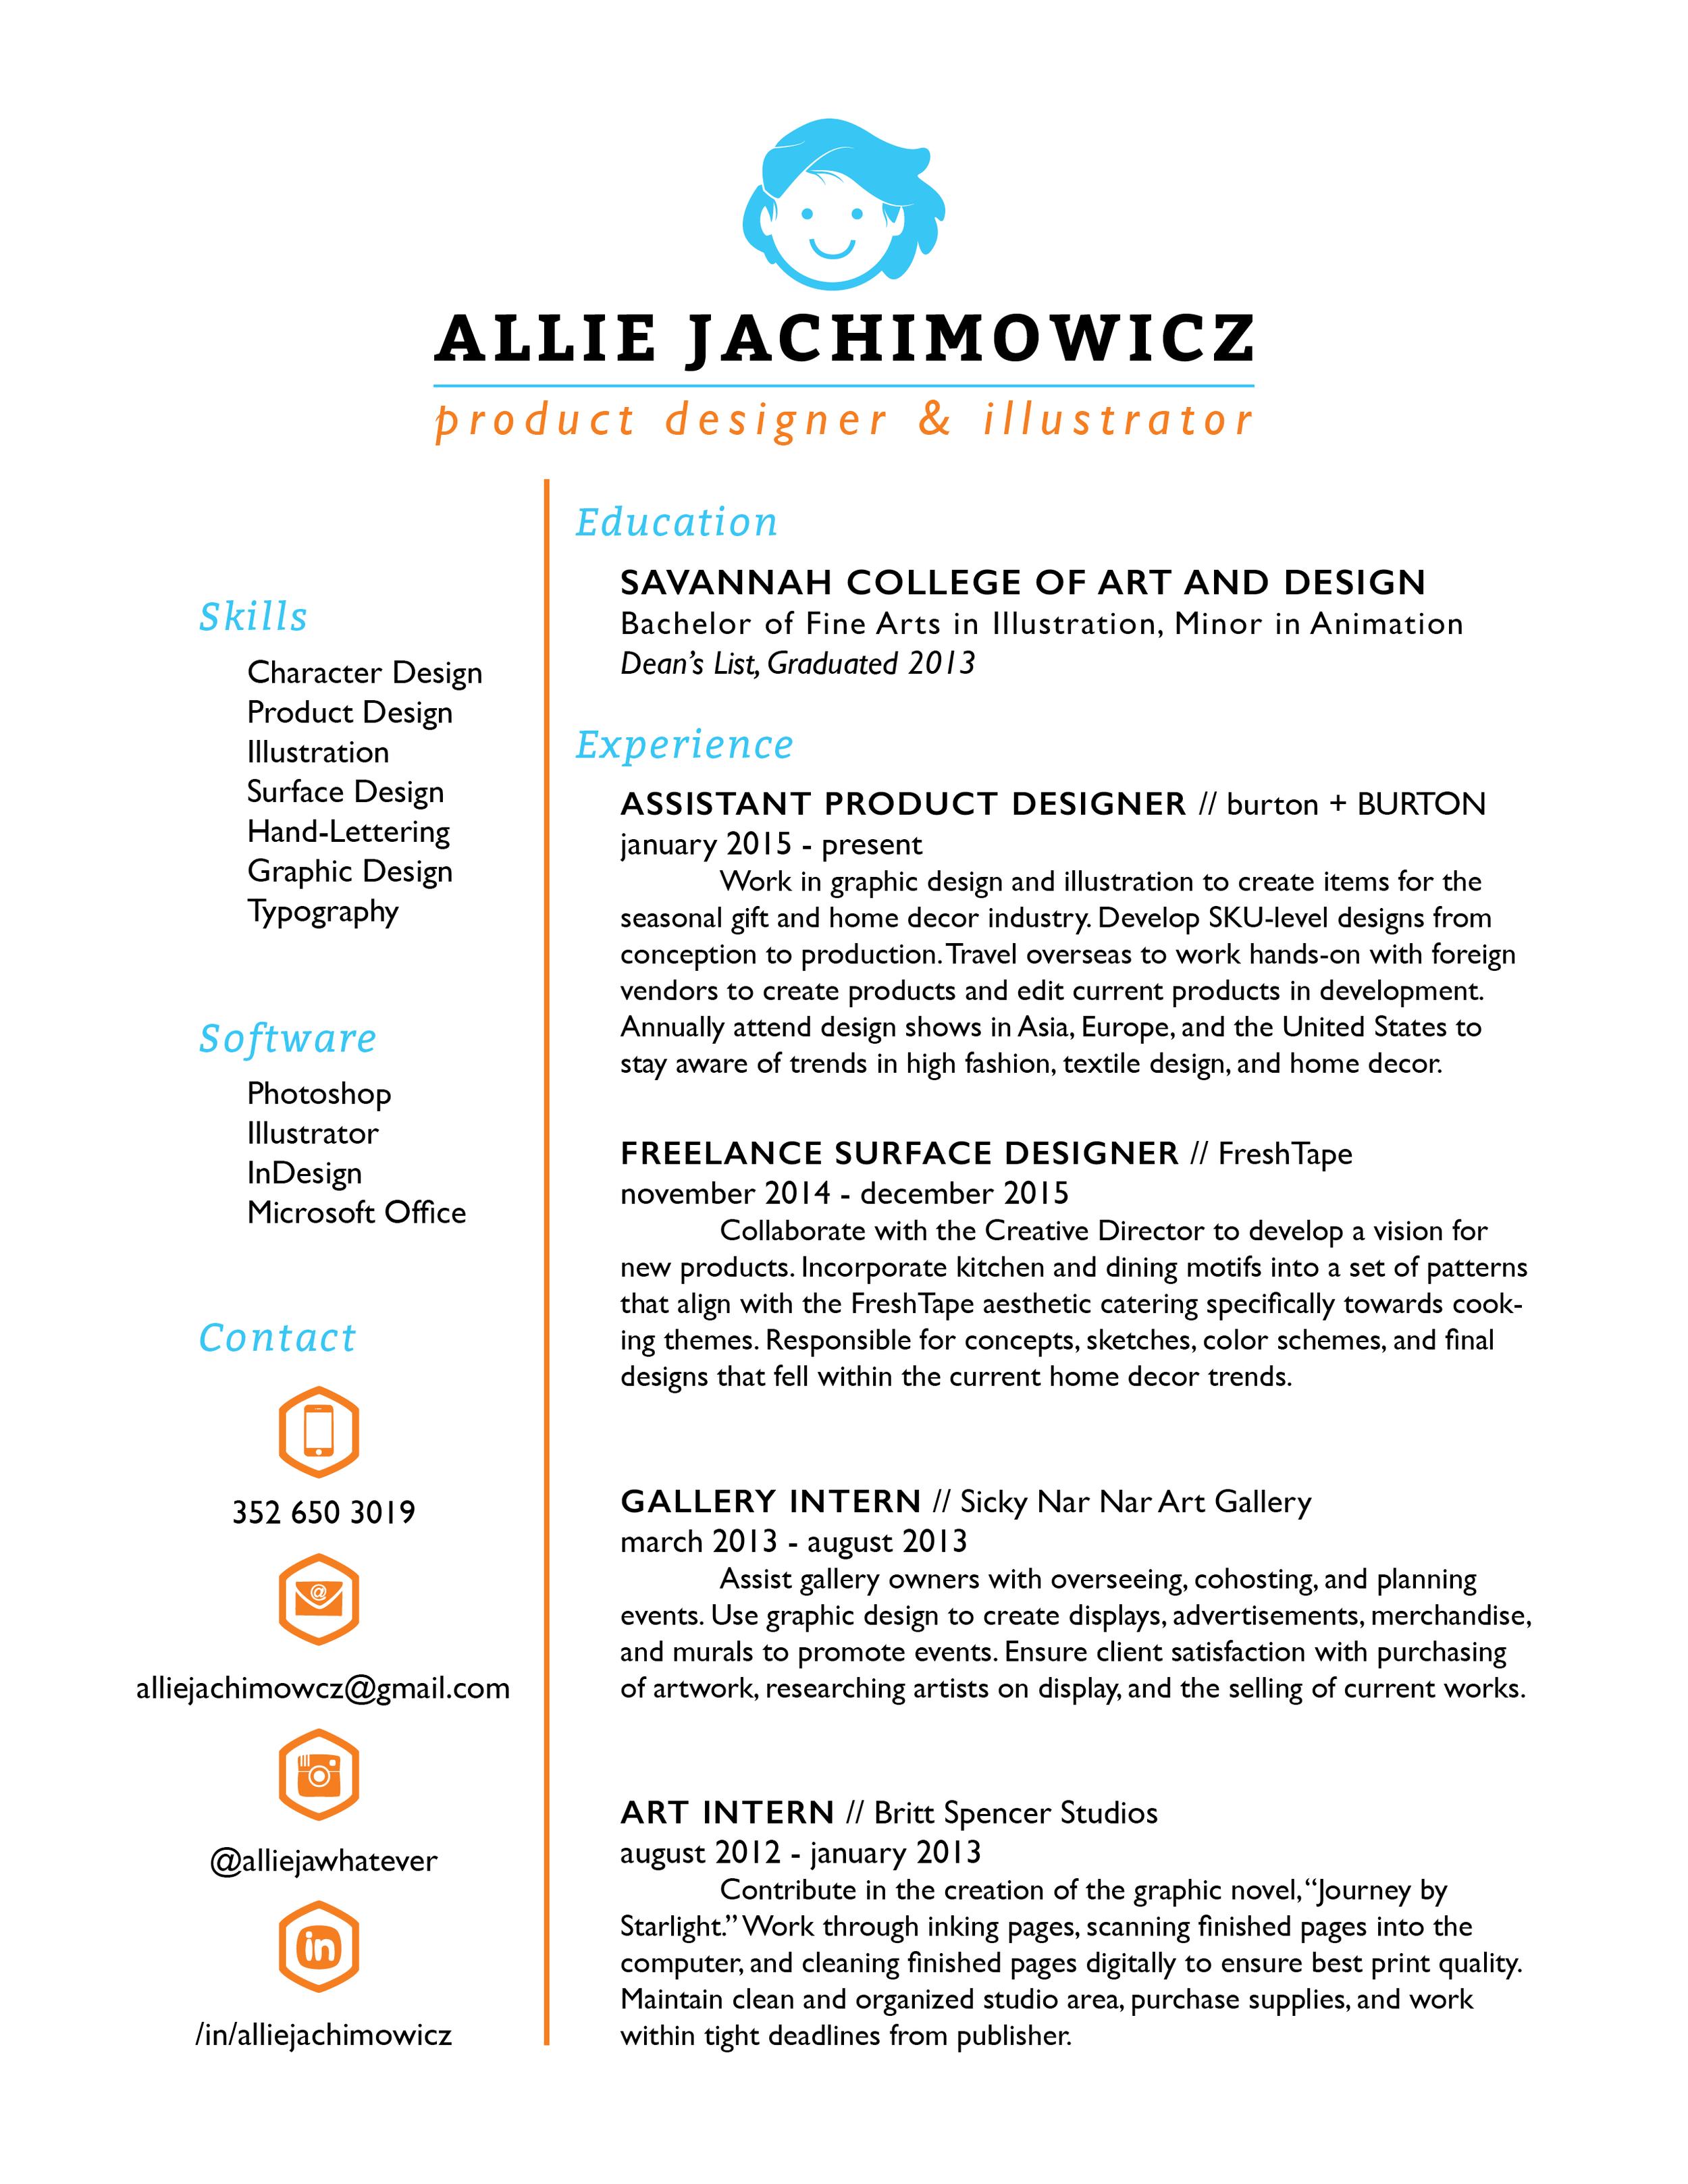 alliejachimowicz_resume.jpg